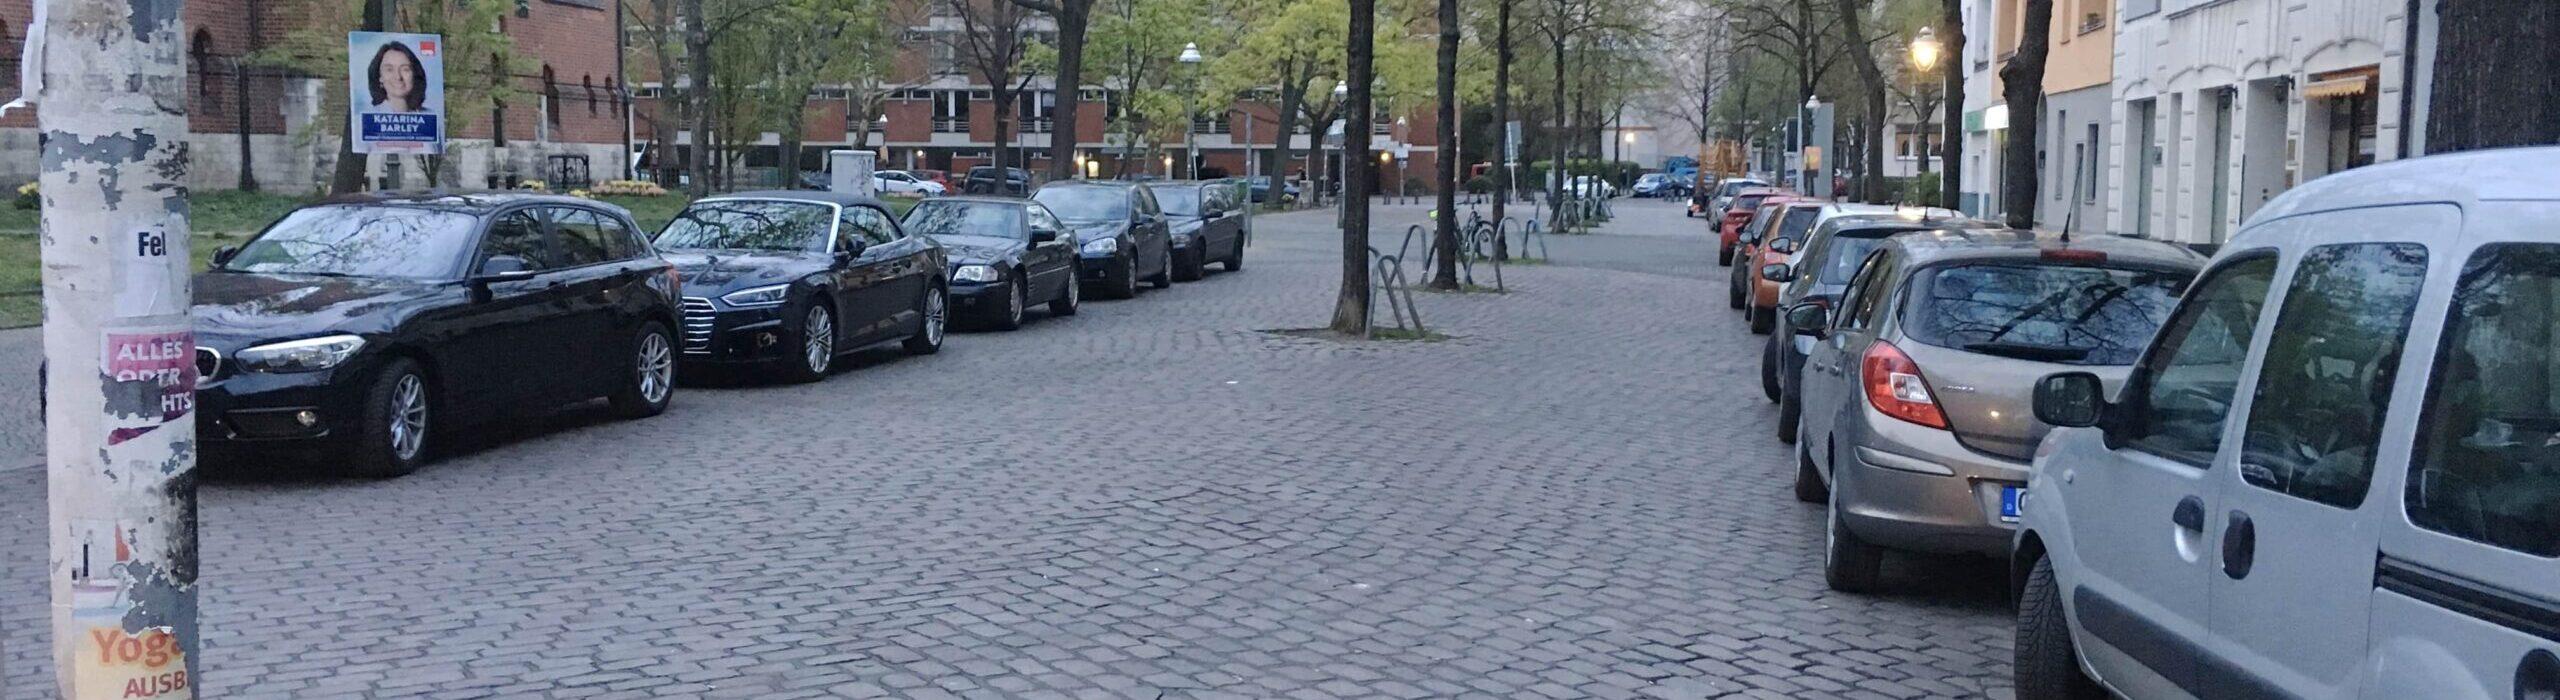 Autos parken in der Fußgängerzone